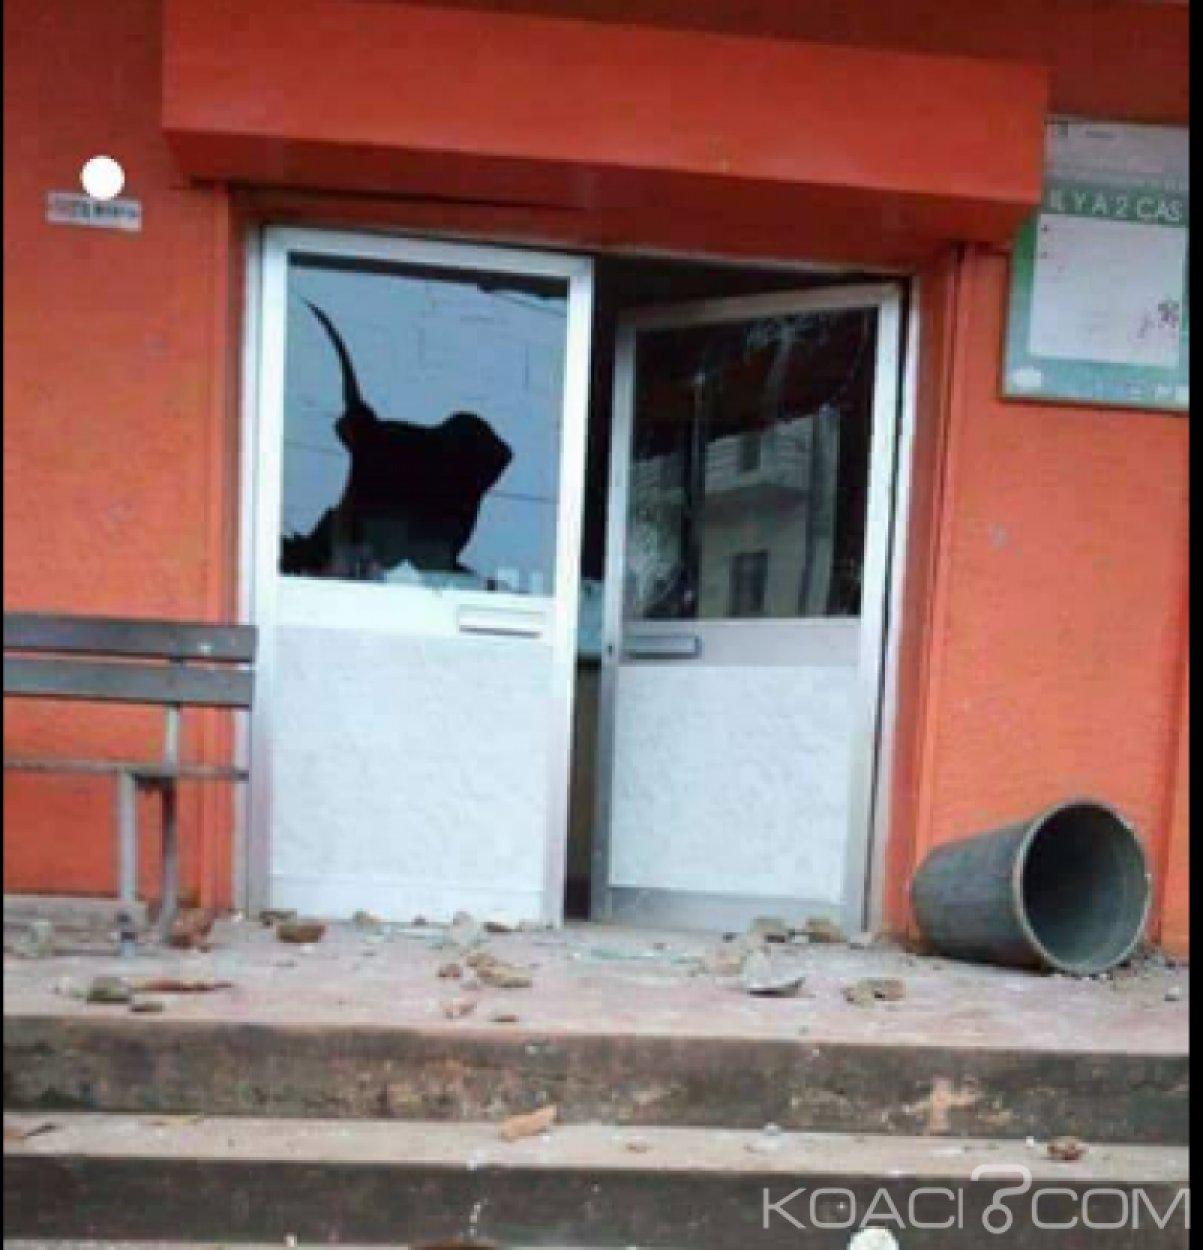 Côte d'Ivoire : Sassandra, nouveaux  actes de vandalisme contre l'agence de la CIE de Sassandra